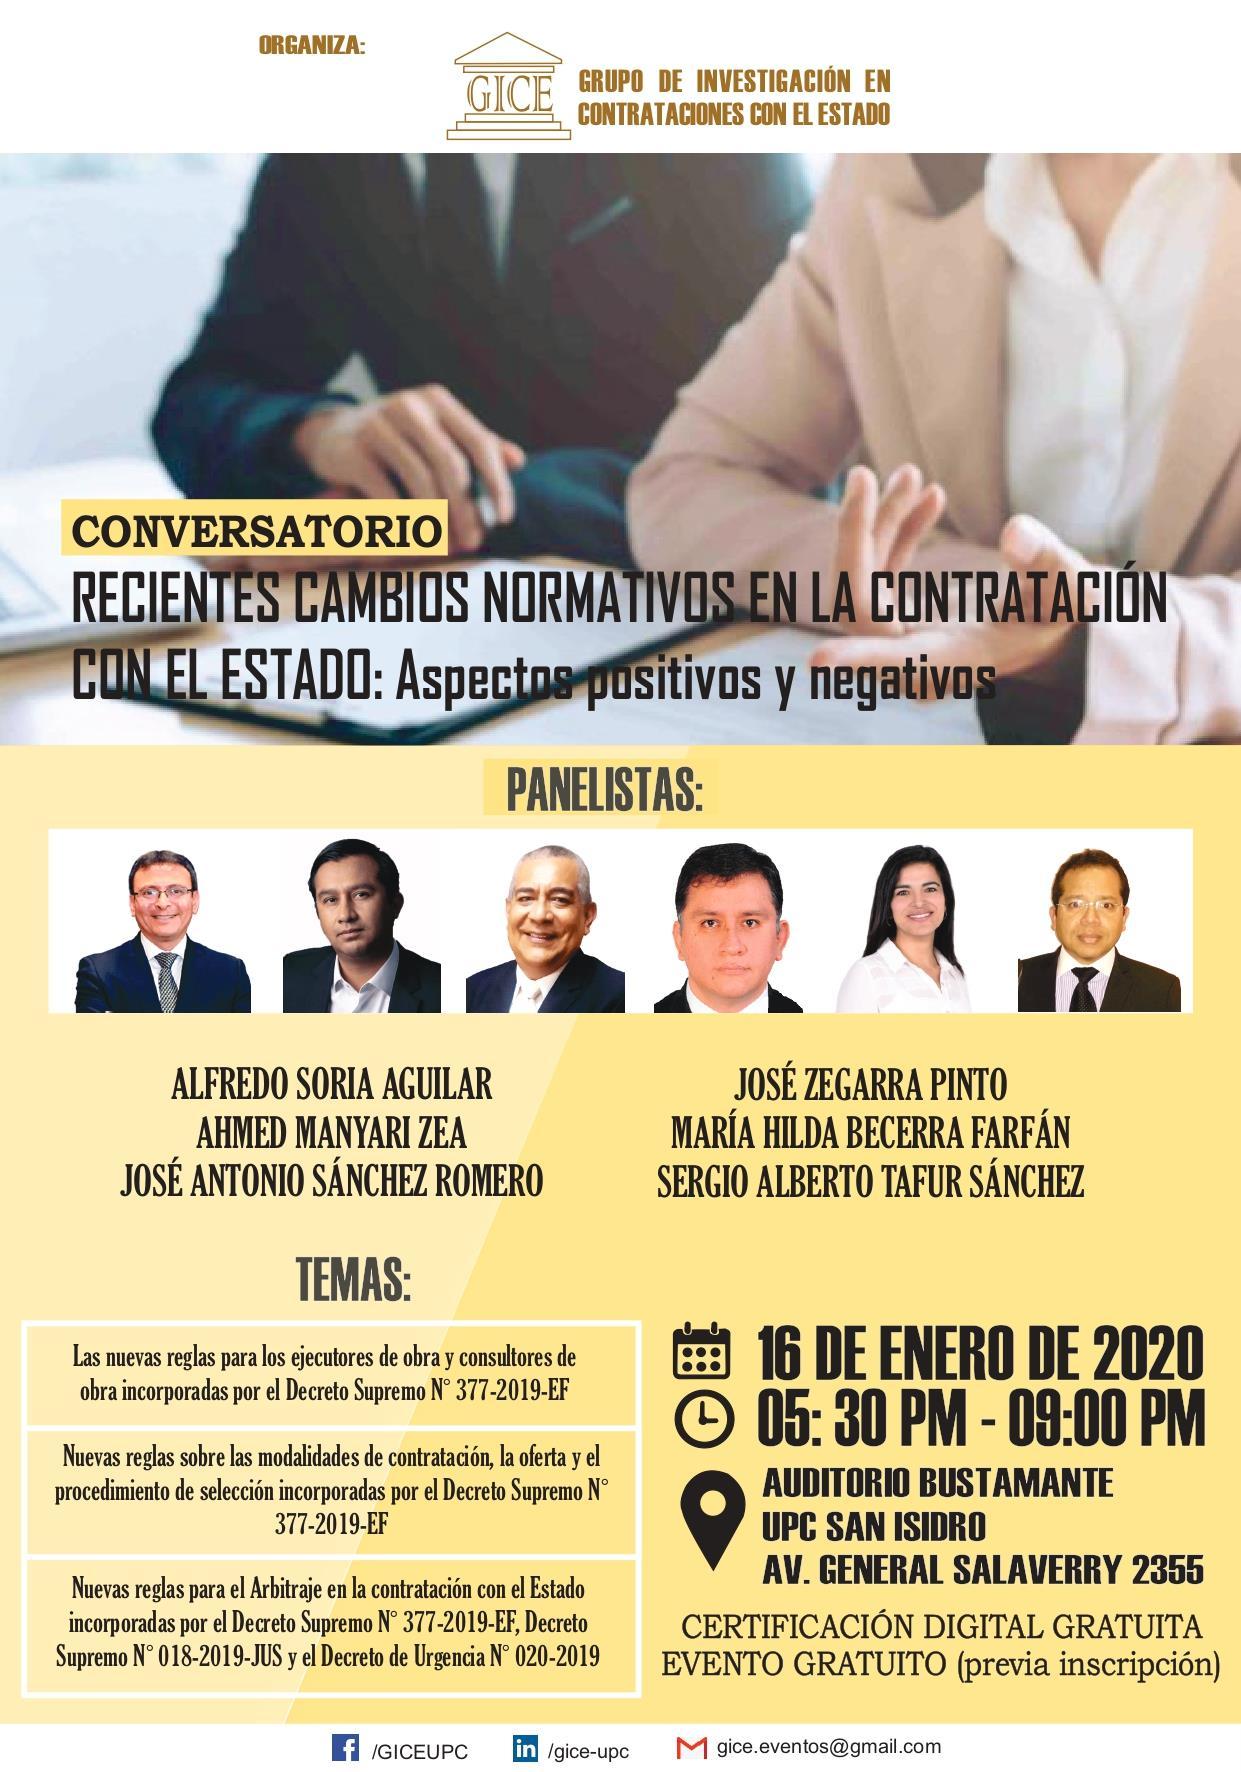 RESOLUCIÓN DE CONTRALORÍA No 387-2020-CG